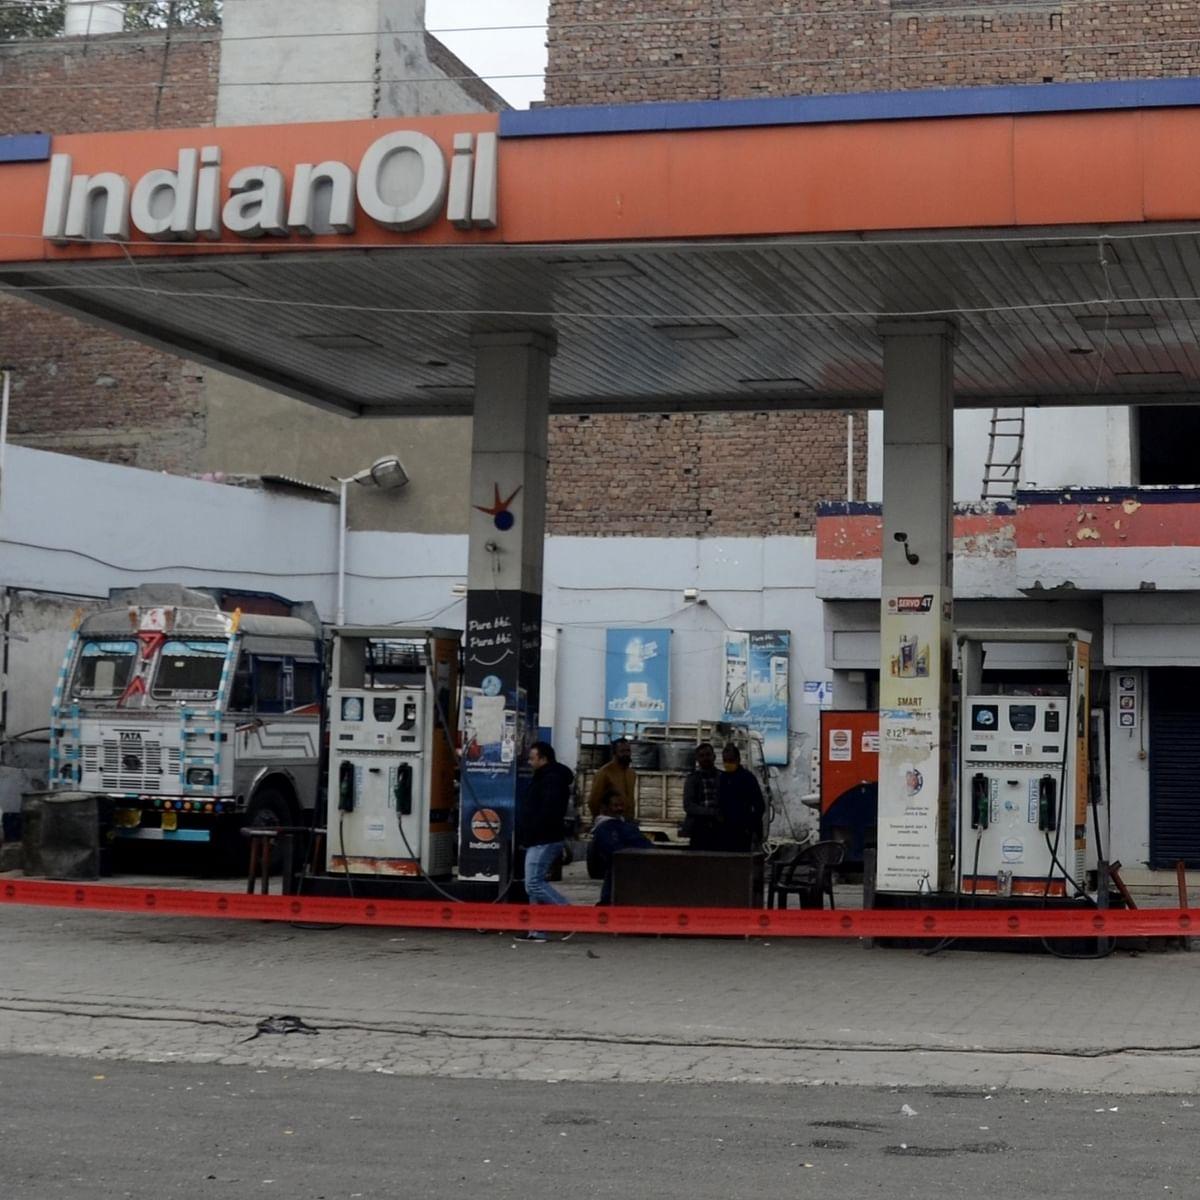 پٹرول اور ڈیزل کی قیمتیں / تصویر آئی اے این ایس